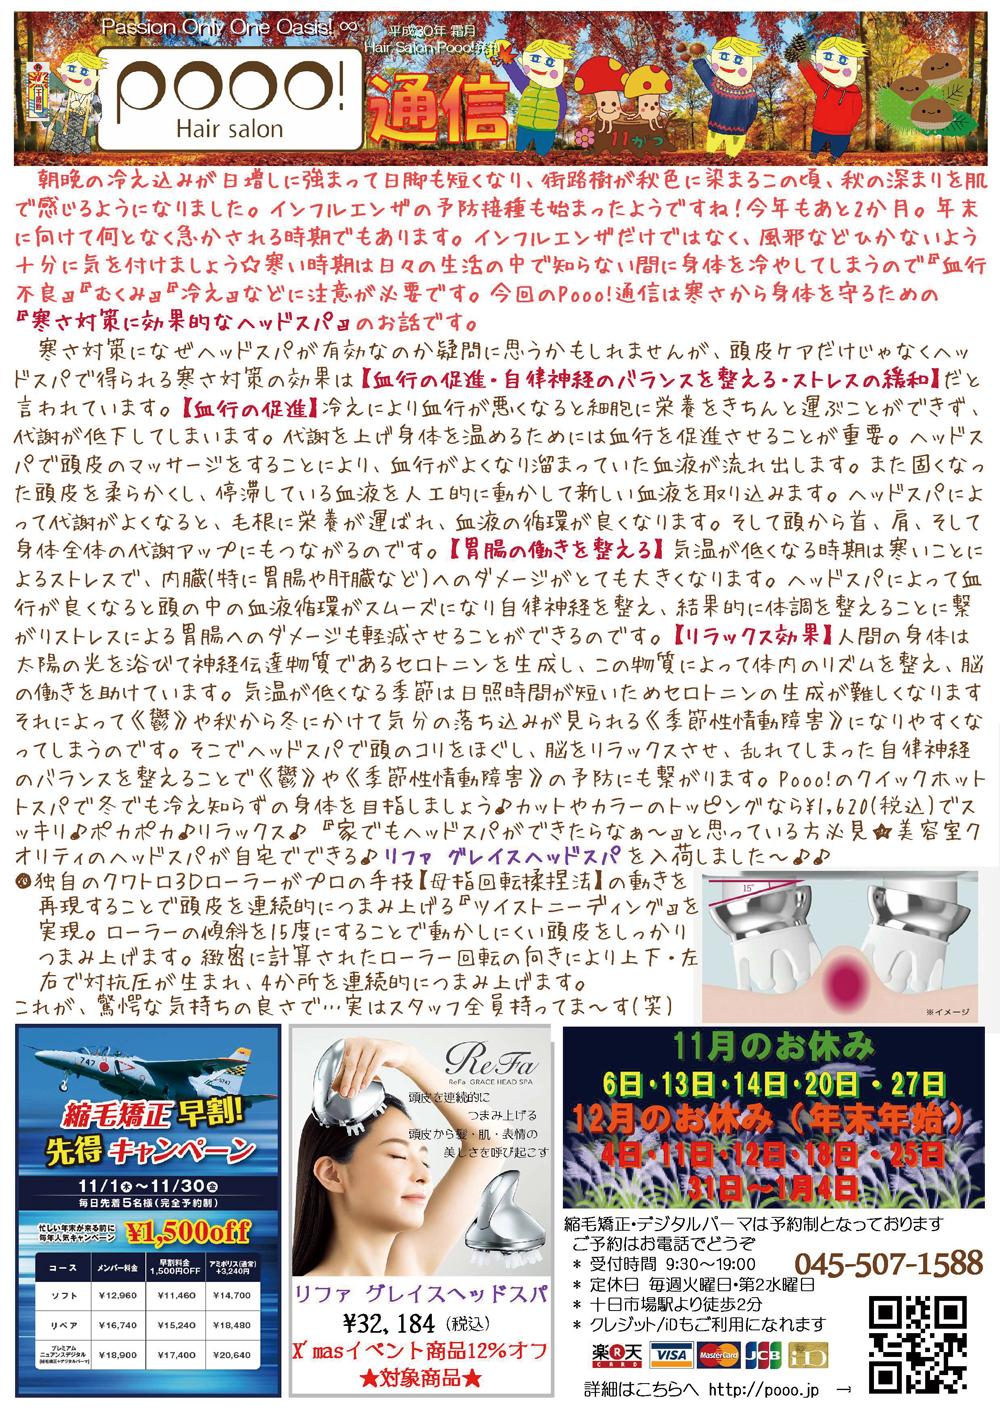 https://pooo.jp/wp-content/uploads/2018/11/Pooonews18-11.jpg